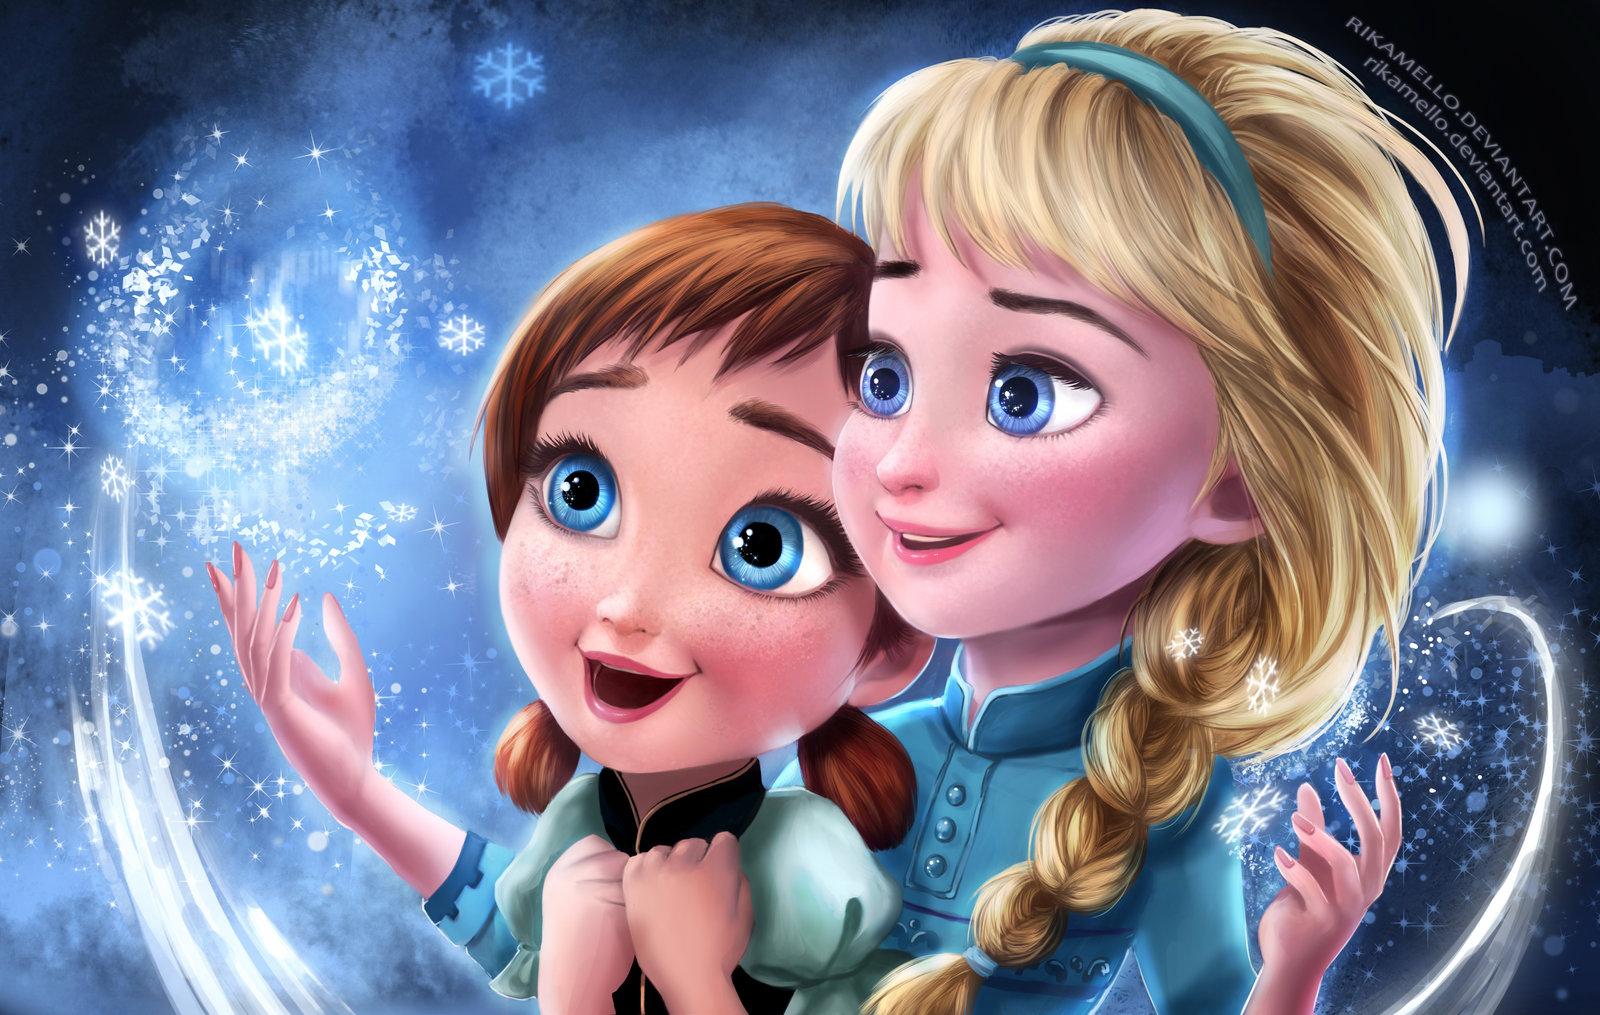 Frozen Elsa Anna Digital Fan Art Wallpapers 1600x1015